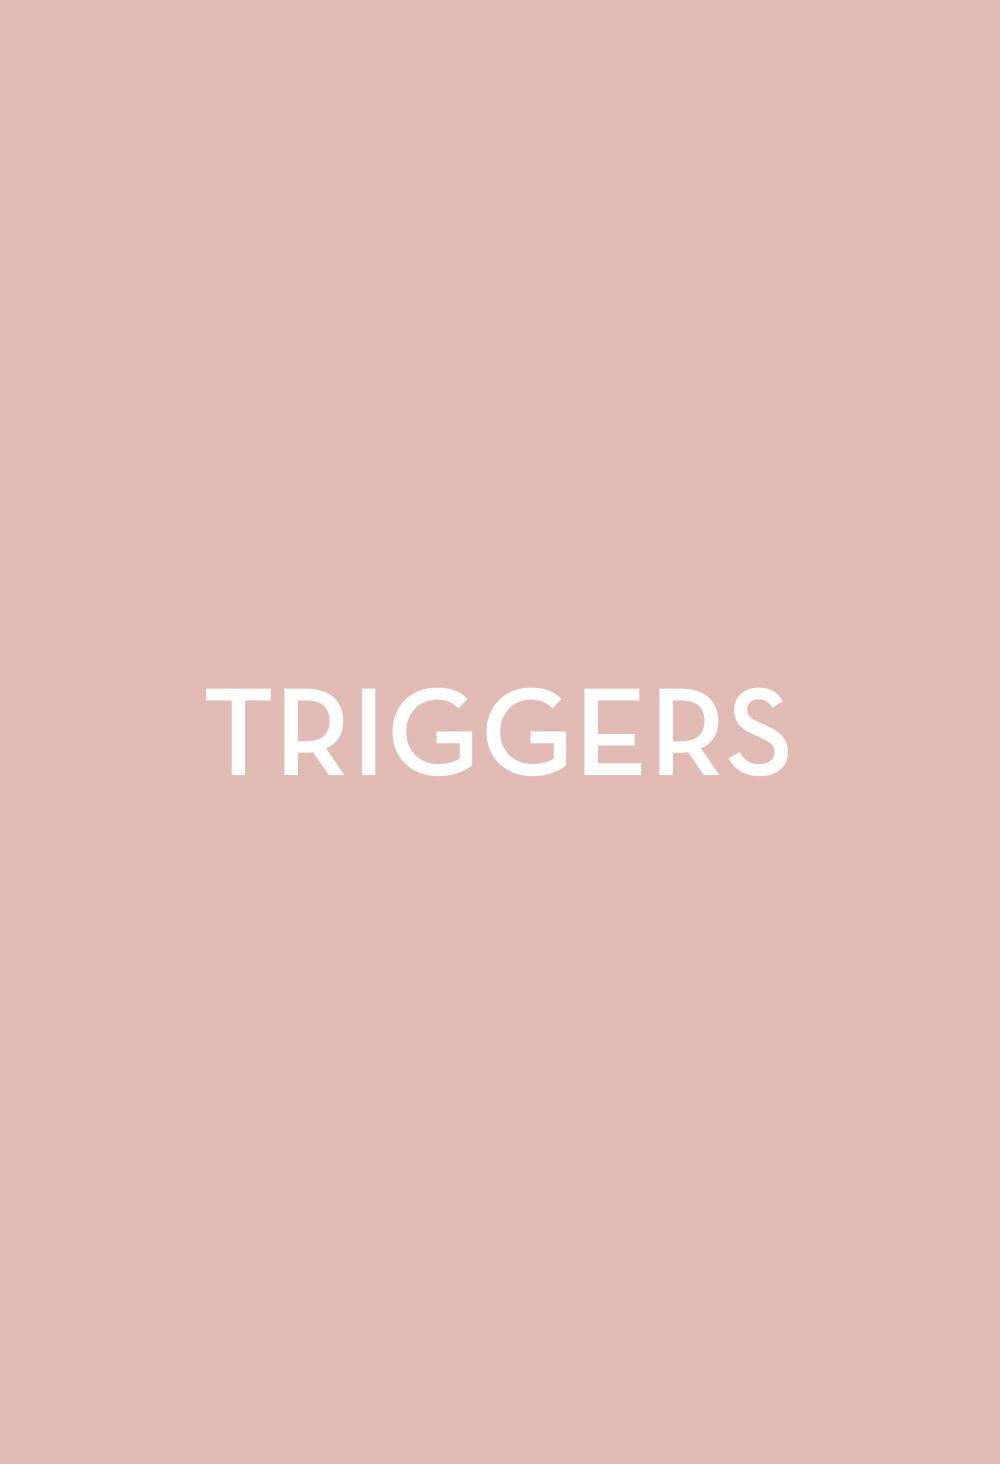 Triggers - Fasten